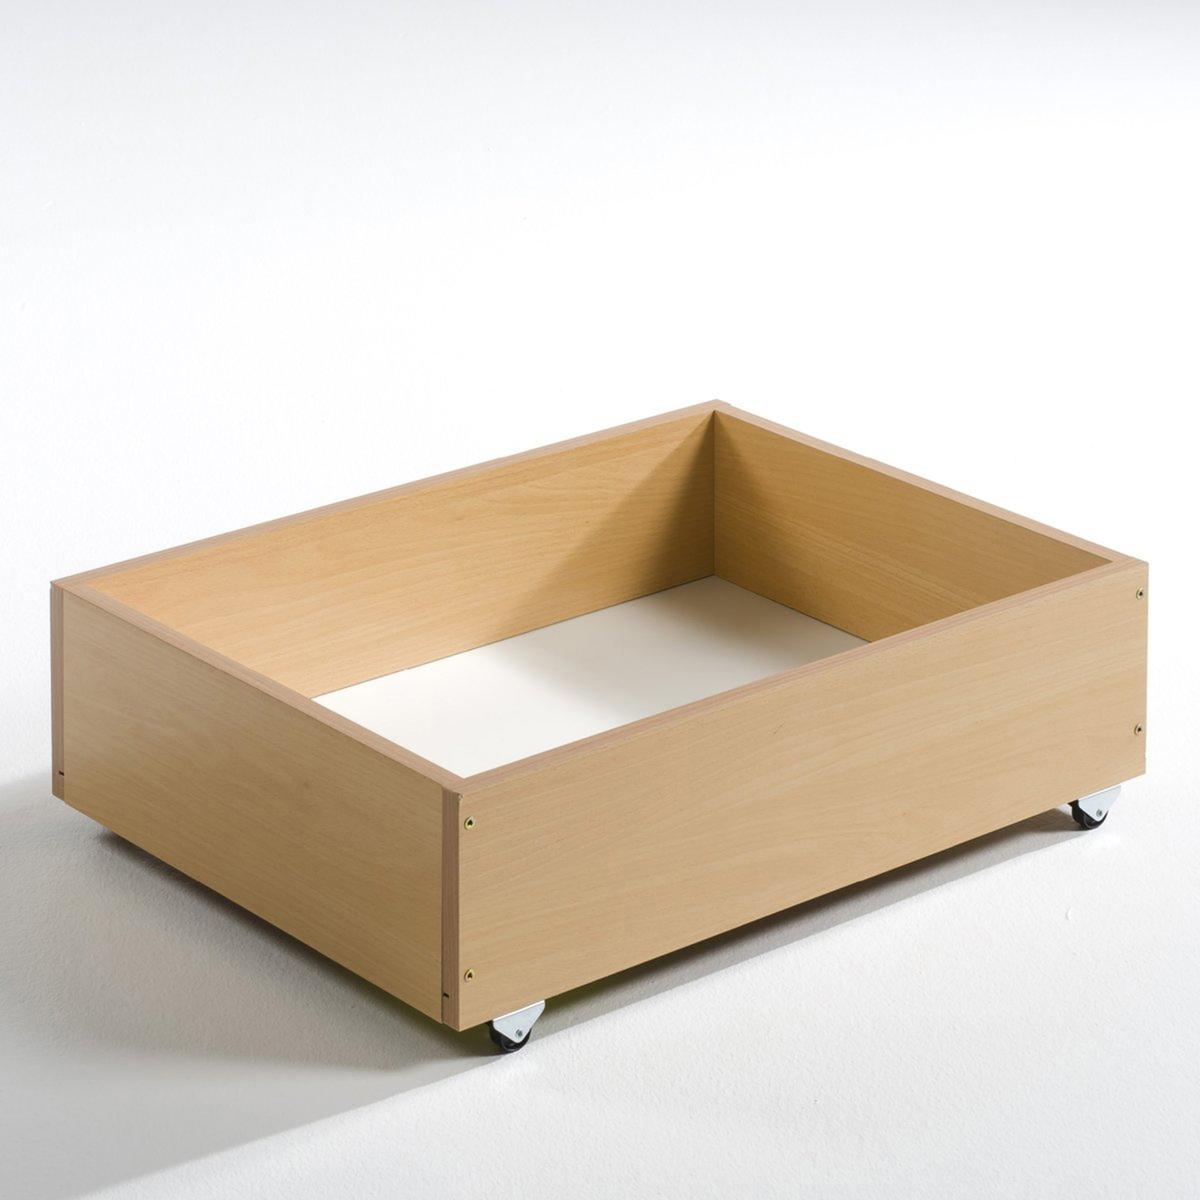 Ящик для хранения BZ из бука, 160 смРазмеры ящика для хранения под диваном BZ :Высота : 13 смГлубина : 56 см.Ширина внутри : 97 смОписание ящика для хранения под диваном BZ :специально создан для удобного хранения под диваном BZ и экипирован колесами.Характеристики ящика для хранения под диваном BZ :Выполнен из ДСП.Другие модели коллекции BZ вы можете найти на сайте laredoute.ruРазмеры и вес упаковки :1 упаковка  Ш.110 x В.3,5 x Г.61 см, 9 кгДоставка:Доставка на этаж по предварительной записи!Внимание!Убедитесь в том, что размеры дверей, лестниц,лифтов позволяют доставить товар в упаковке до квартиры..<br><br>Цвет: светлое дерево бук